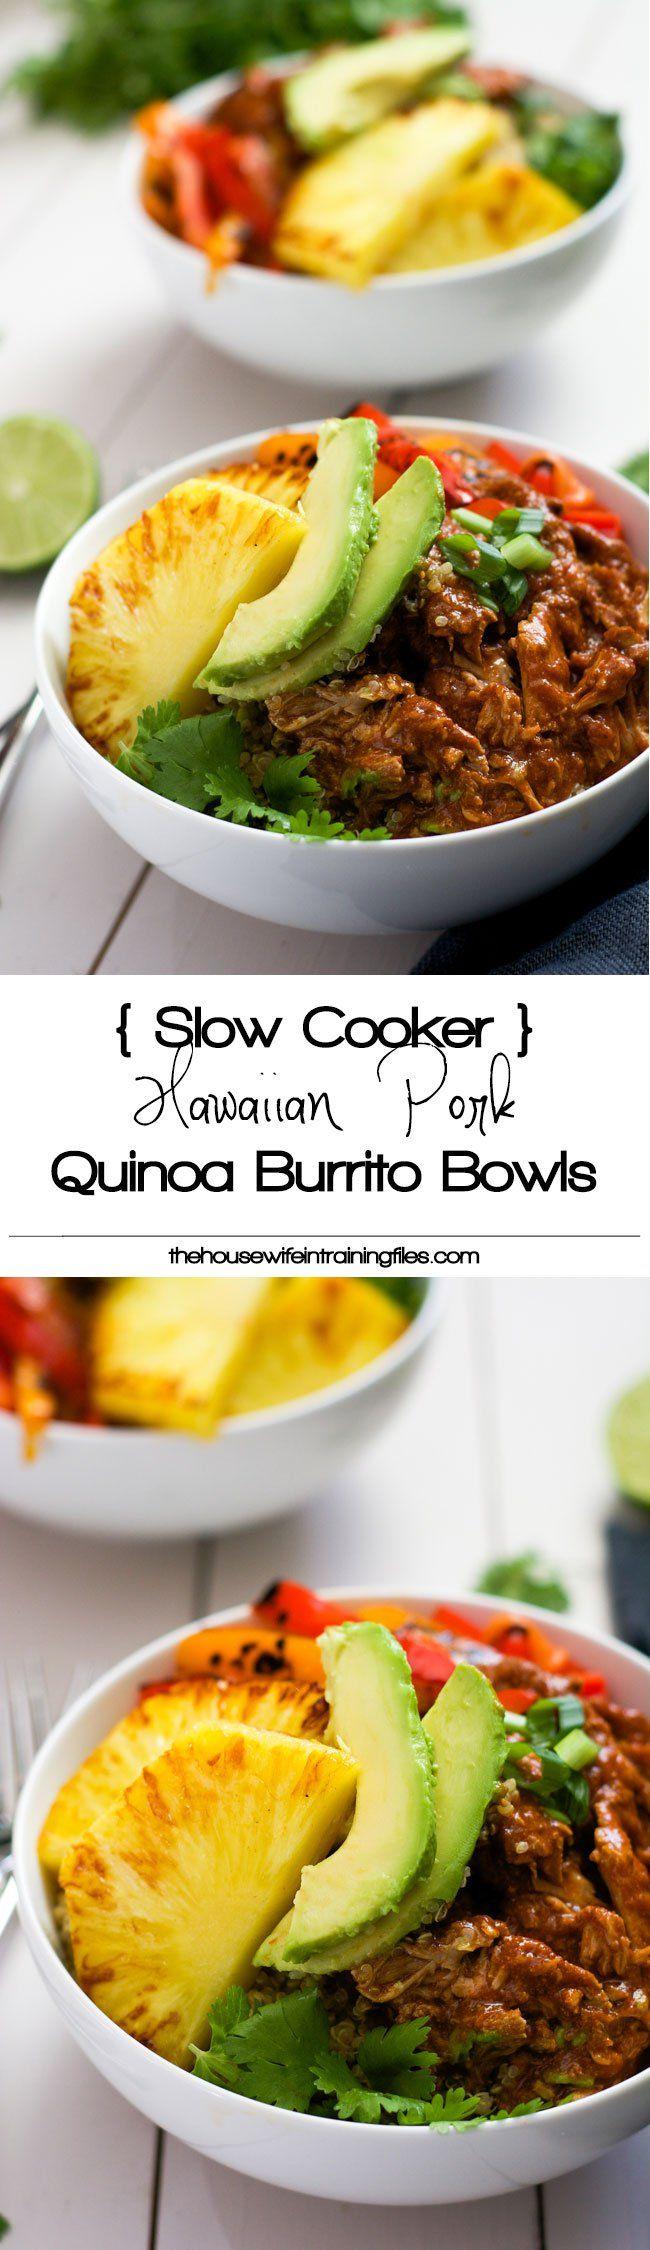 Leckerer Slow Cooker hawaiianischer Art! Und gesund ist es auch noch. Gesund? Tipps für Gesundheit und Vitalität gibts auf www.gloryfeel.de :)